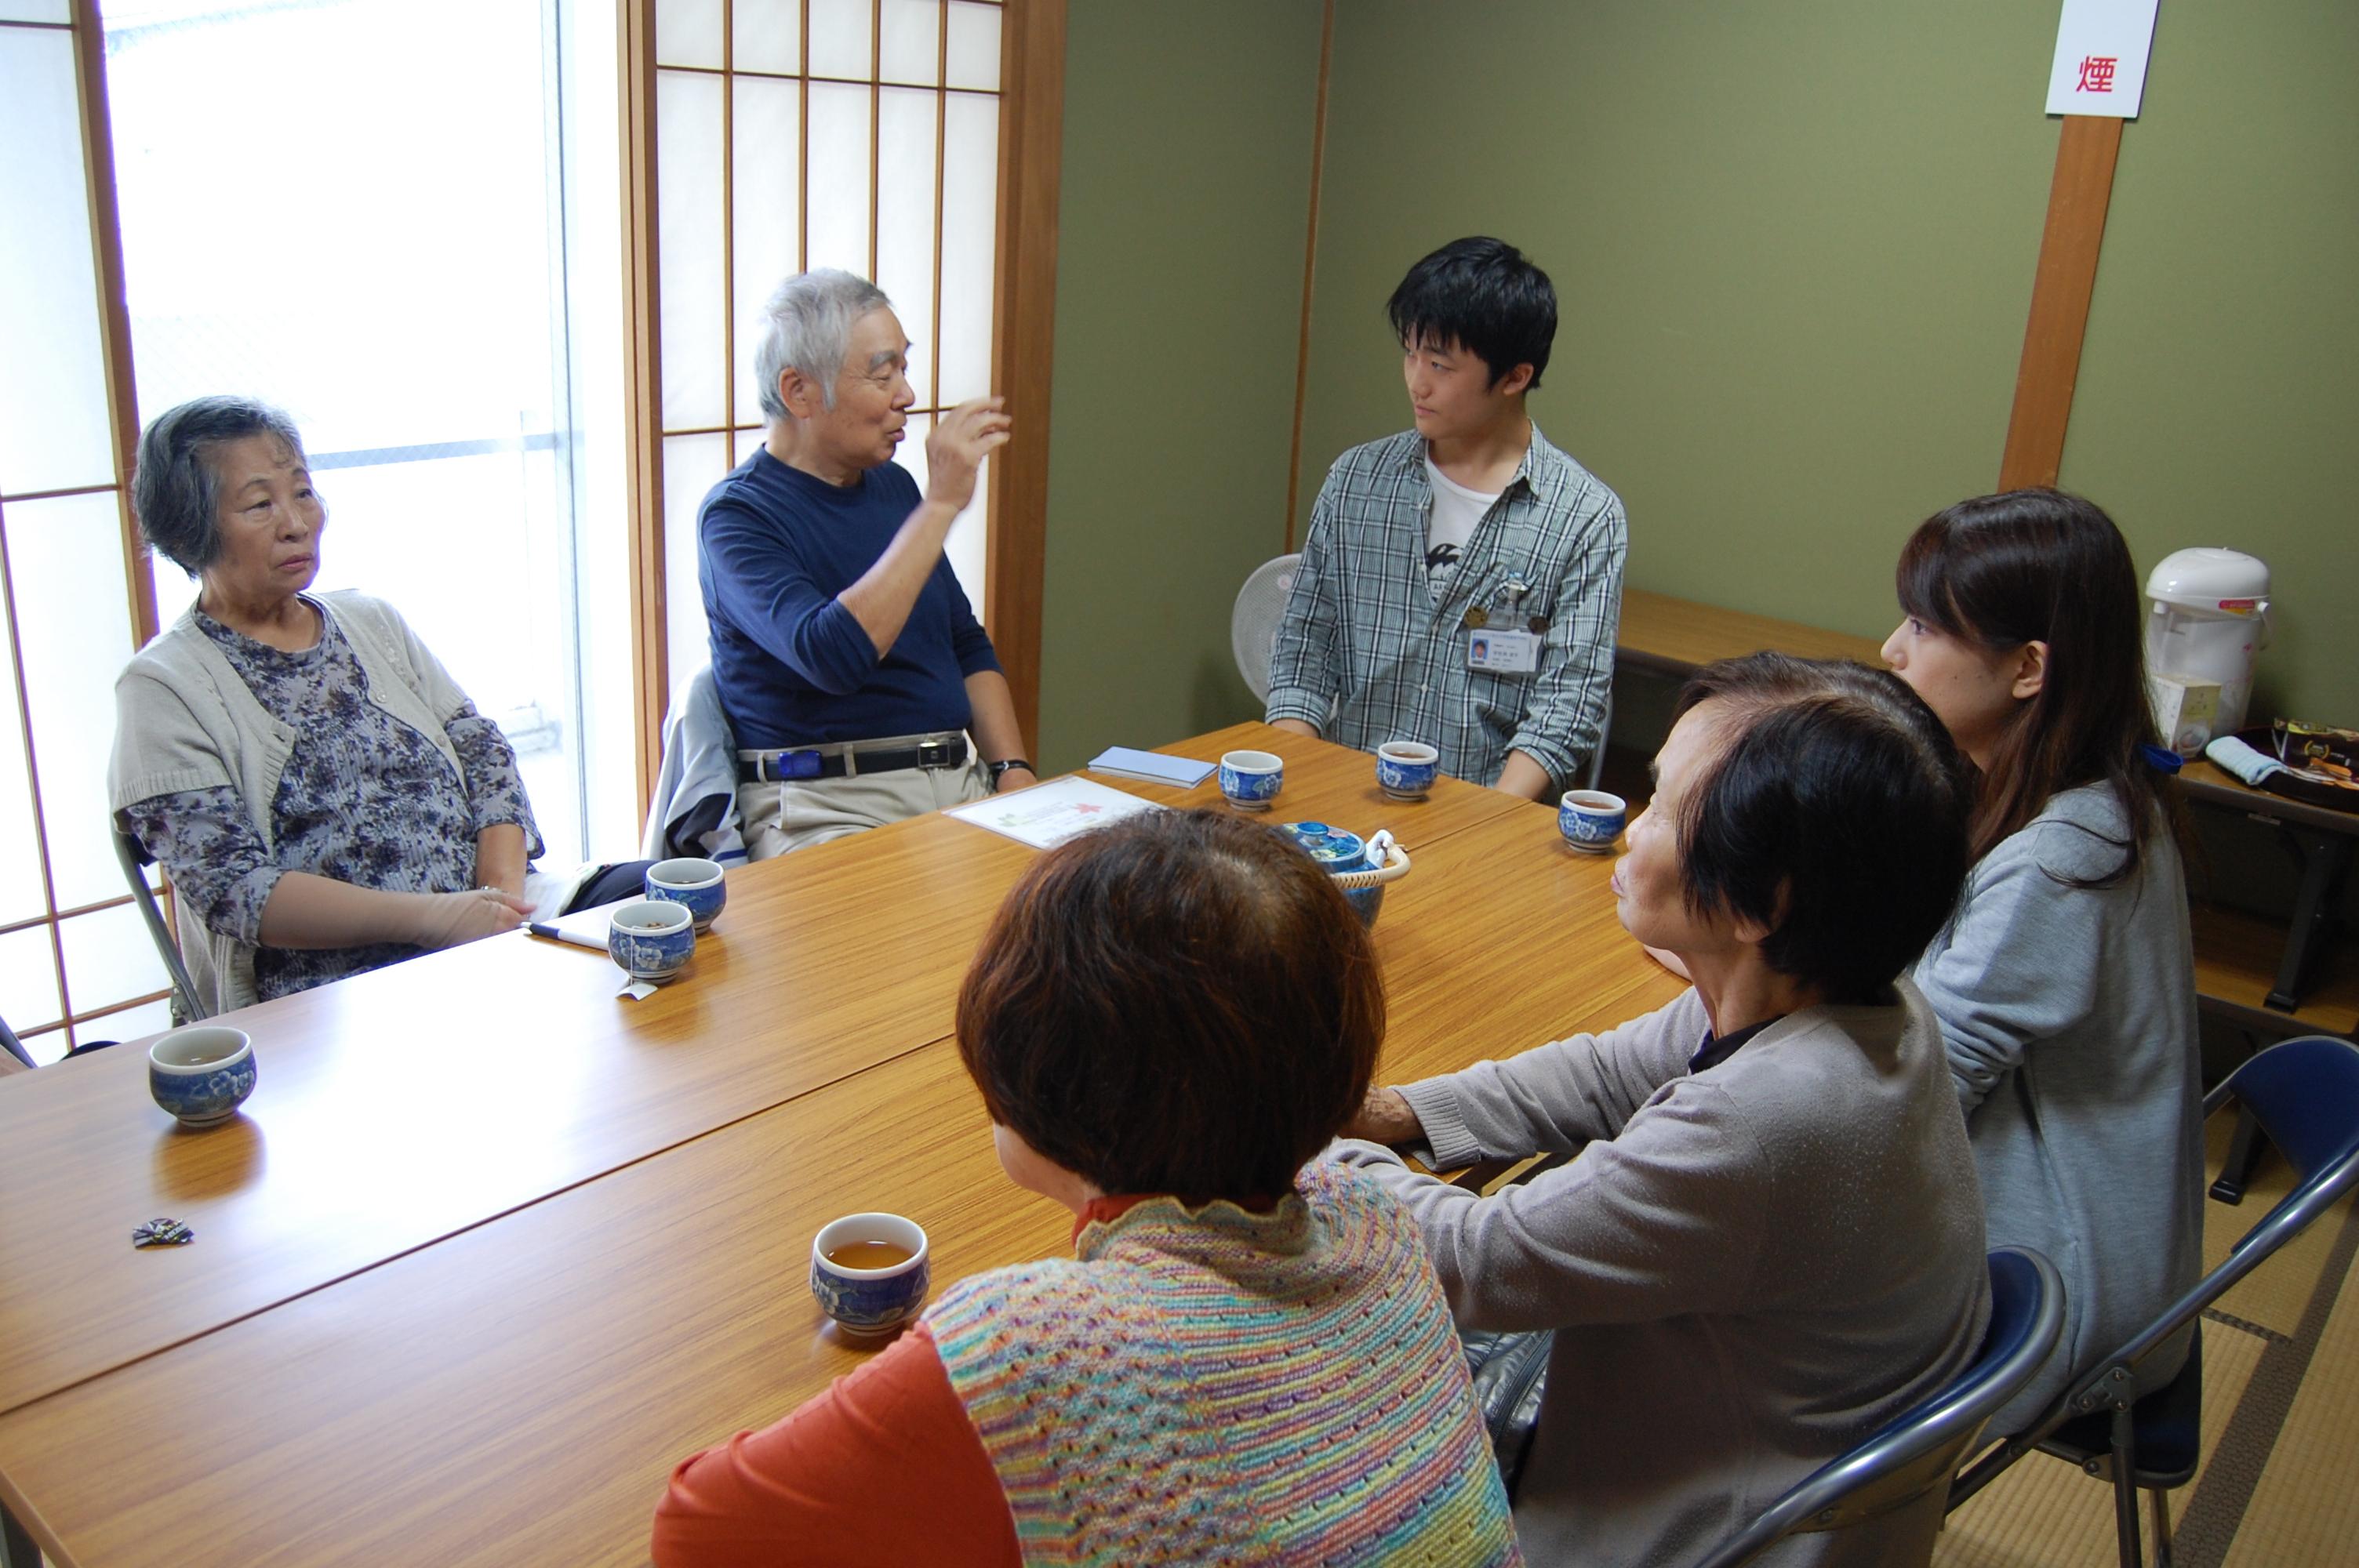 【川崎市多摩区の活動 】広がる多世代のふれあい 、身近な集いの場づくり